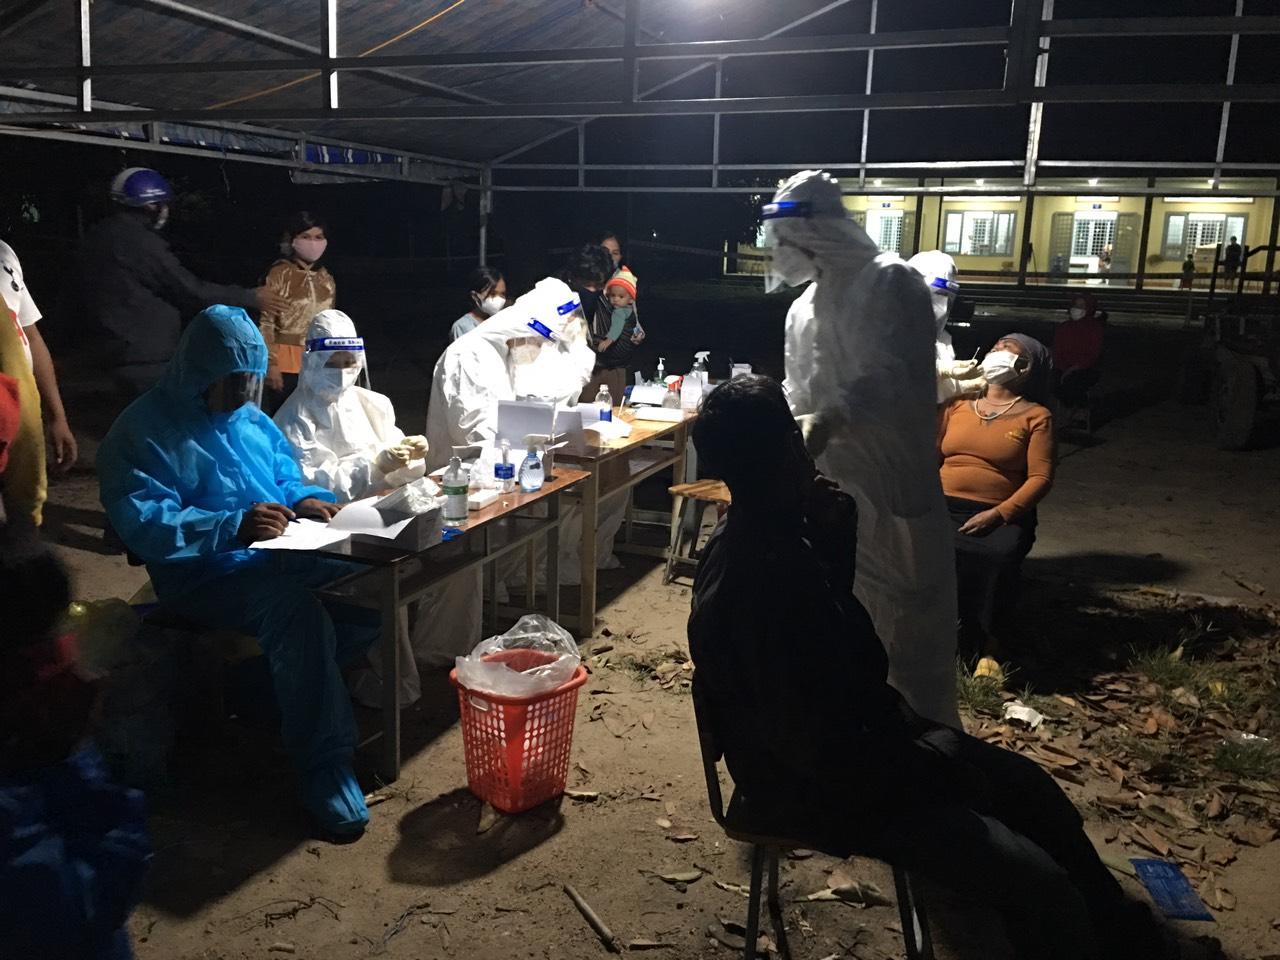 Tỉnh Đắk Lắk đã ghi nhận 117 trường hợp dương tính với SARS-CoV-2